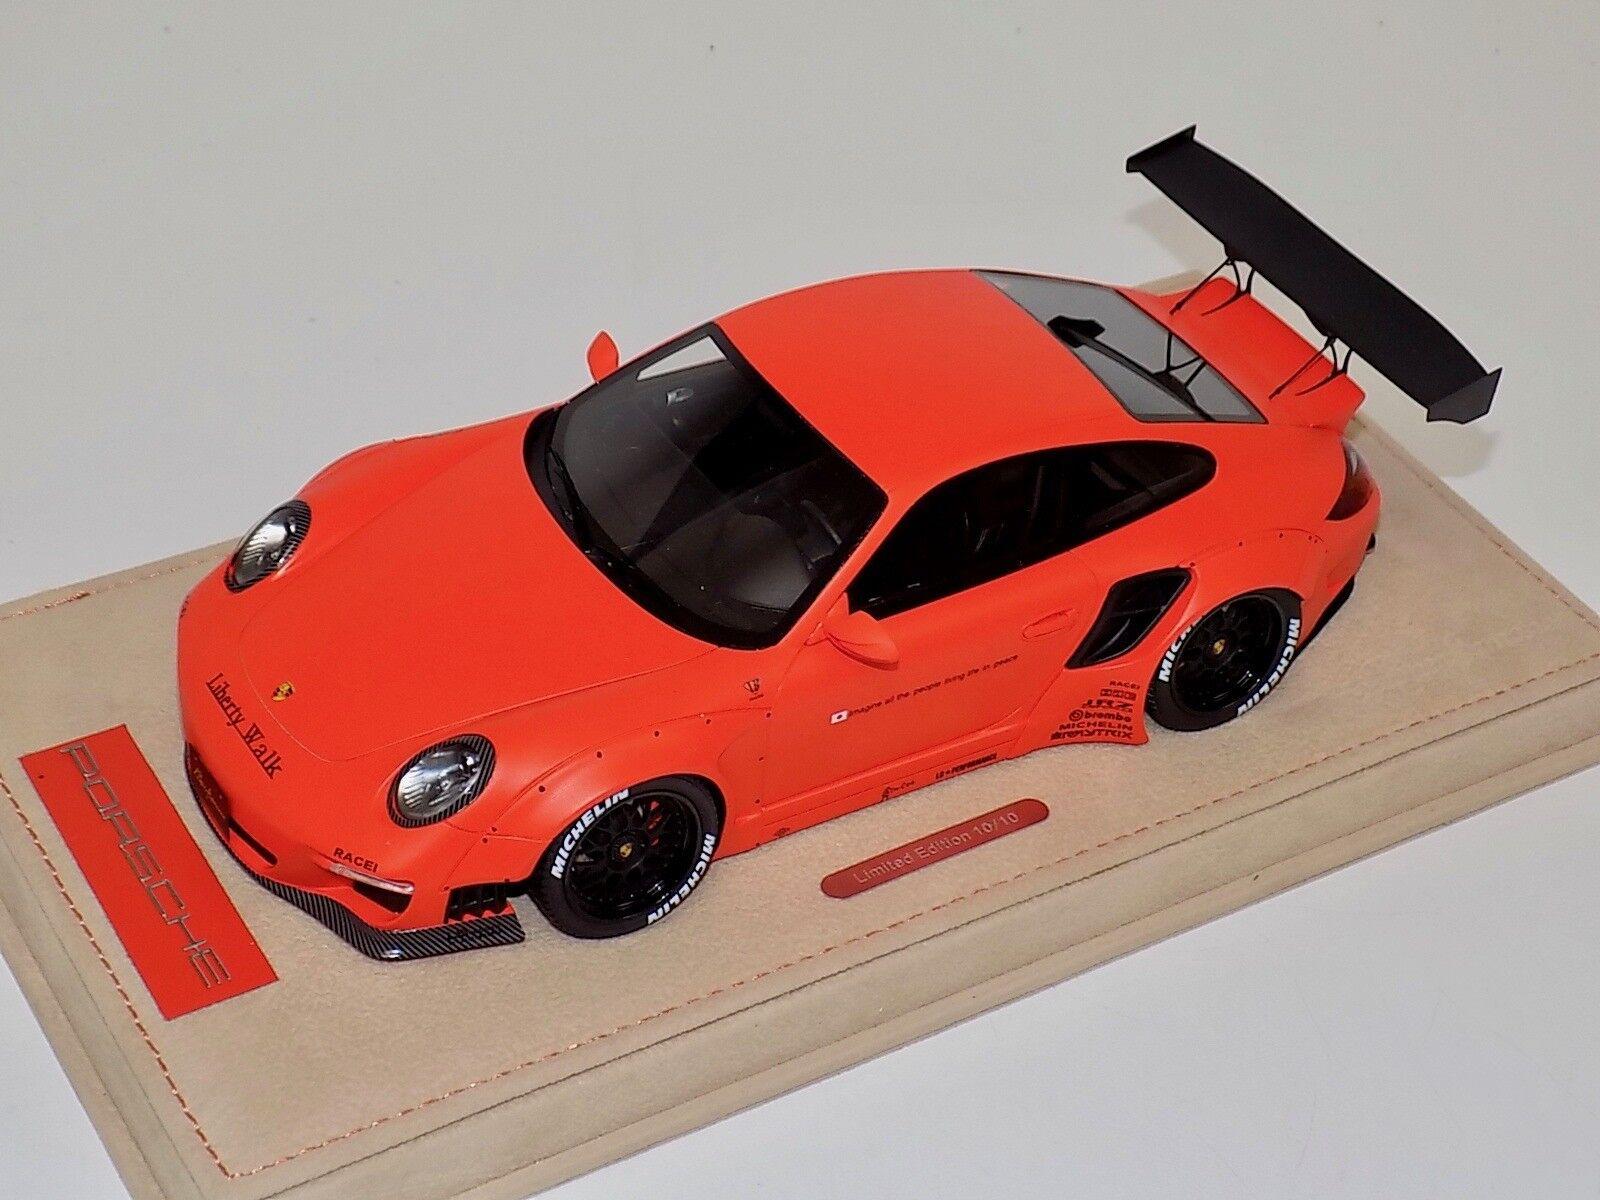 1 18 AB Models Porsche 911 Liberty walk LB Performance Matt orange Decals 03C